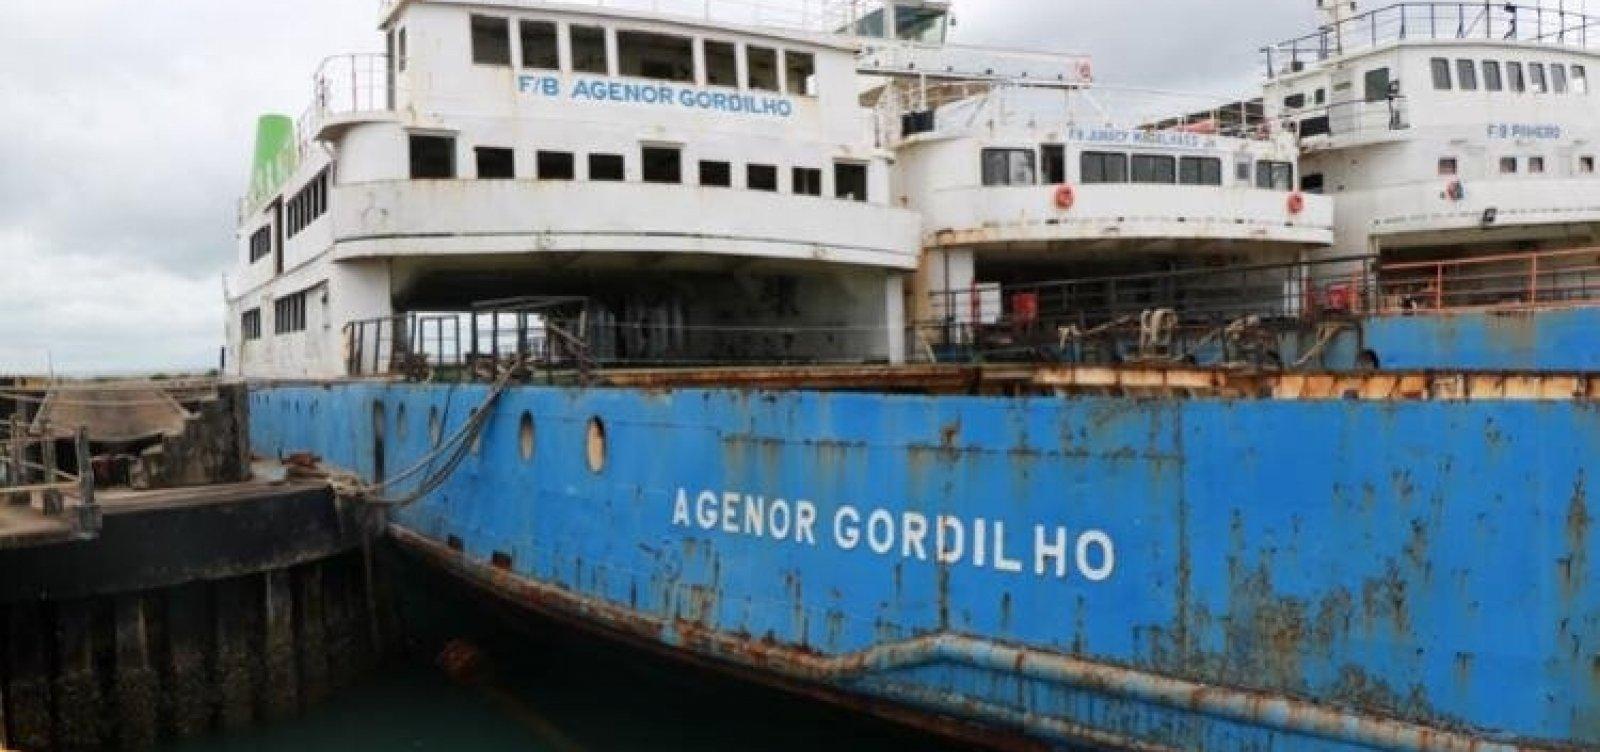 [Afundamento do ferry boat Agenor Gordilho é suspenso]